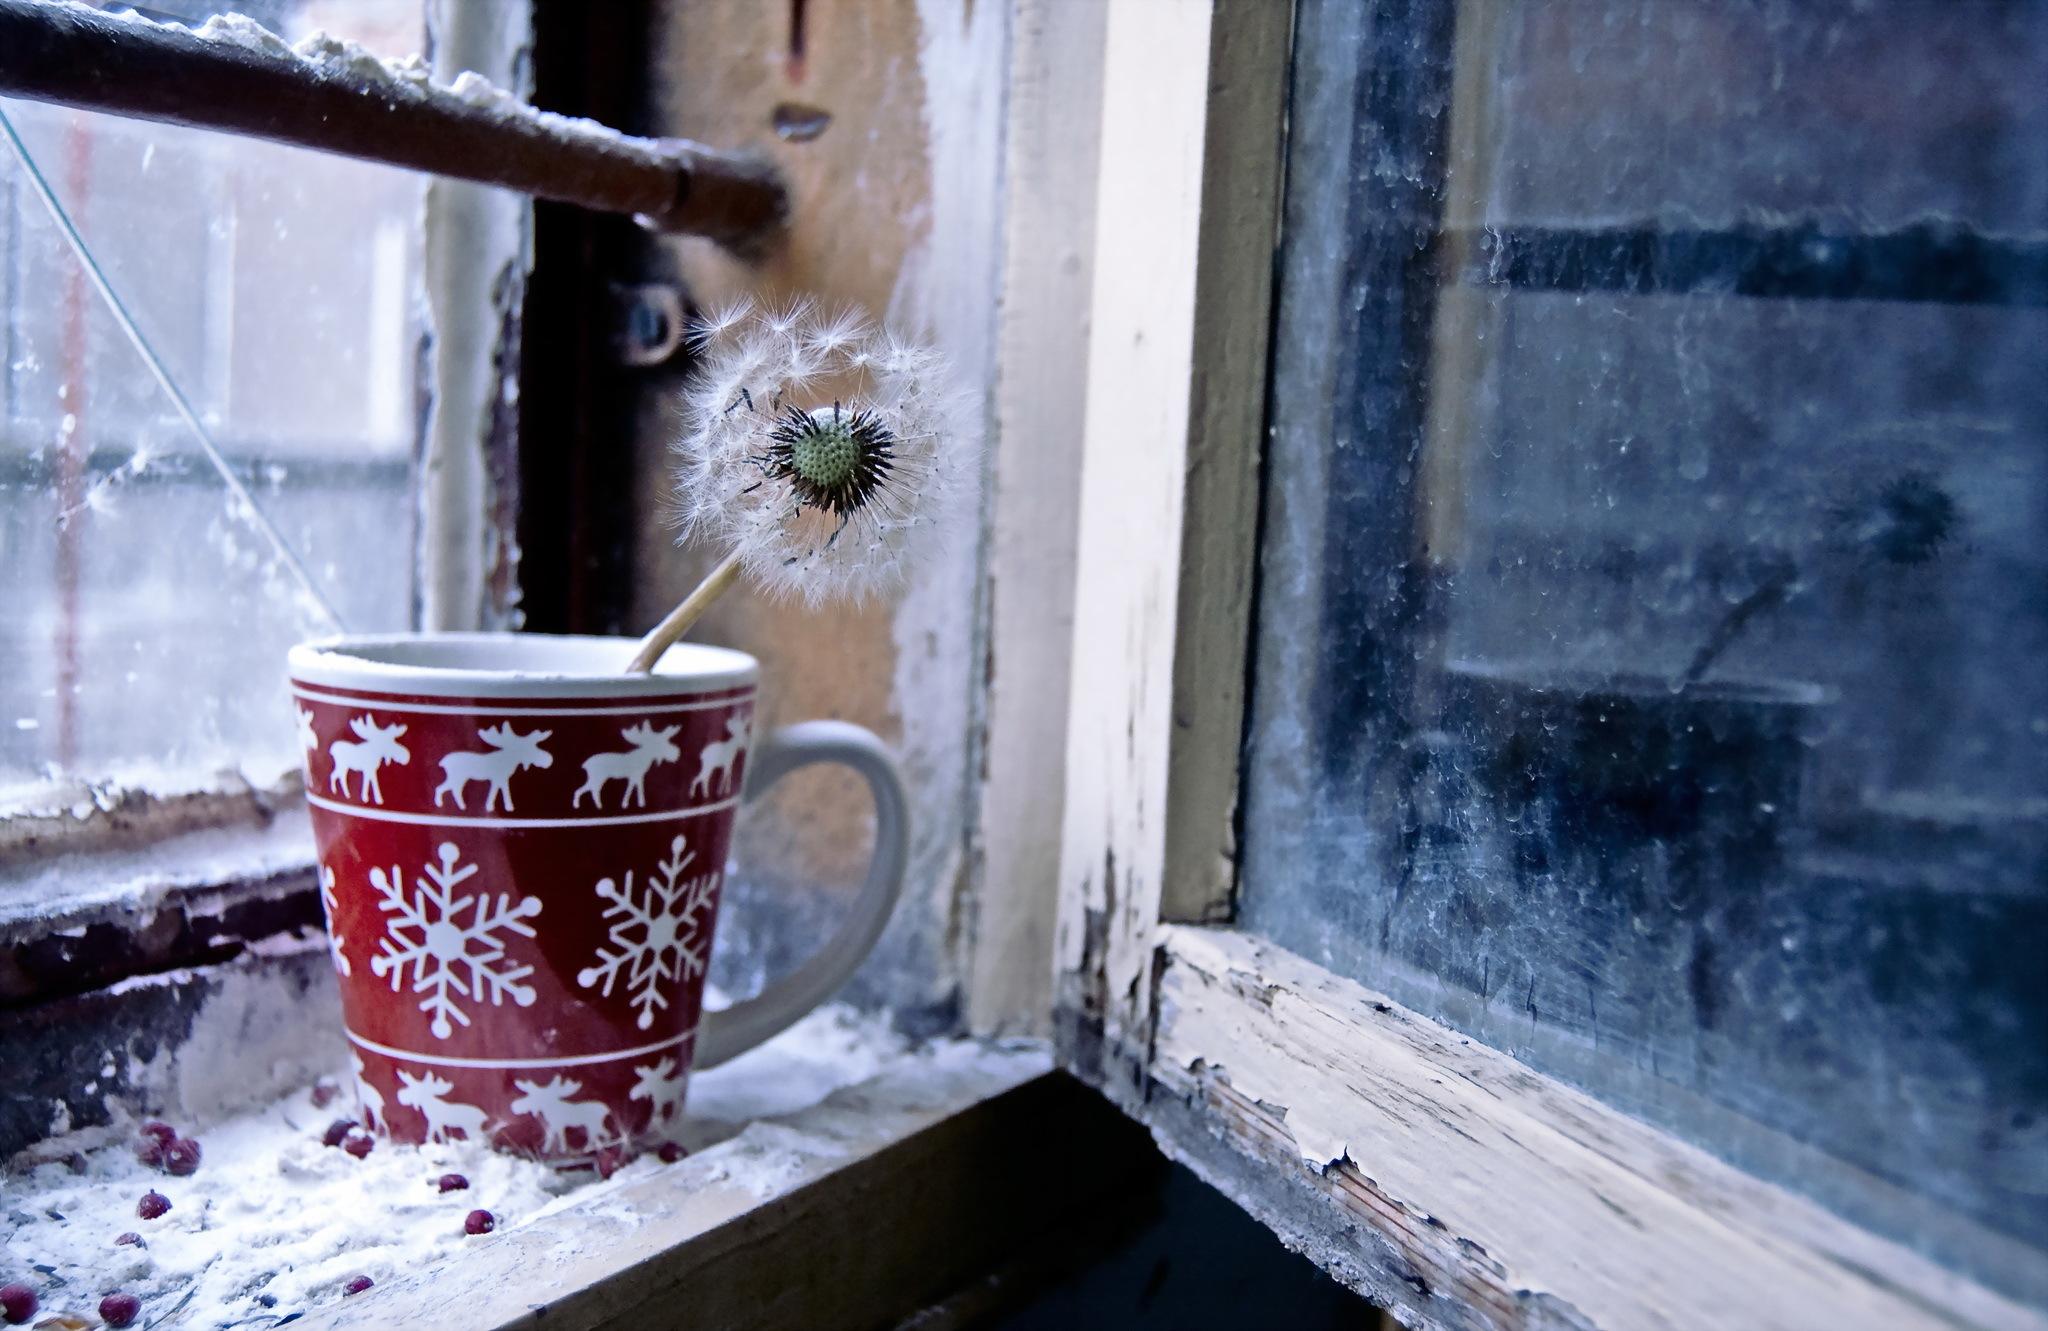 С добрым утром картинка окне анимационные